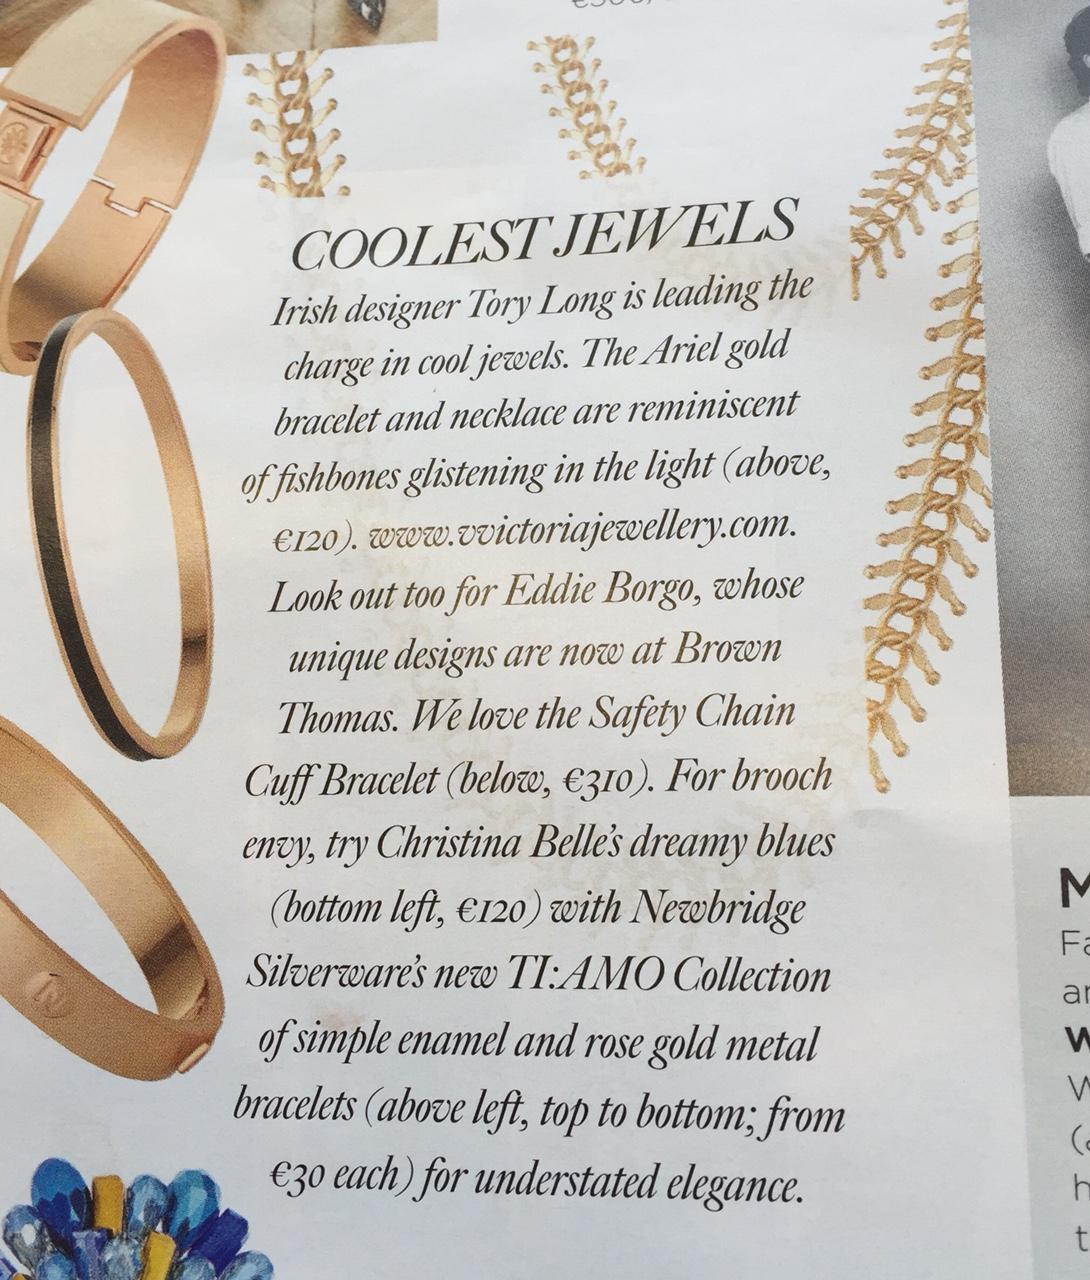 Gloss Magazine November 2015 - Mentioned in the Irish Times Gloss Magazine November 2015